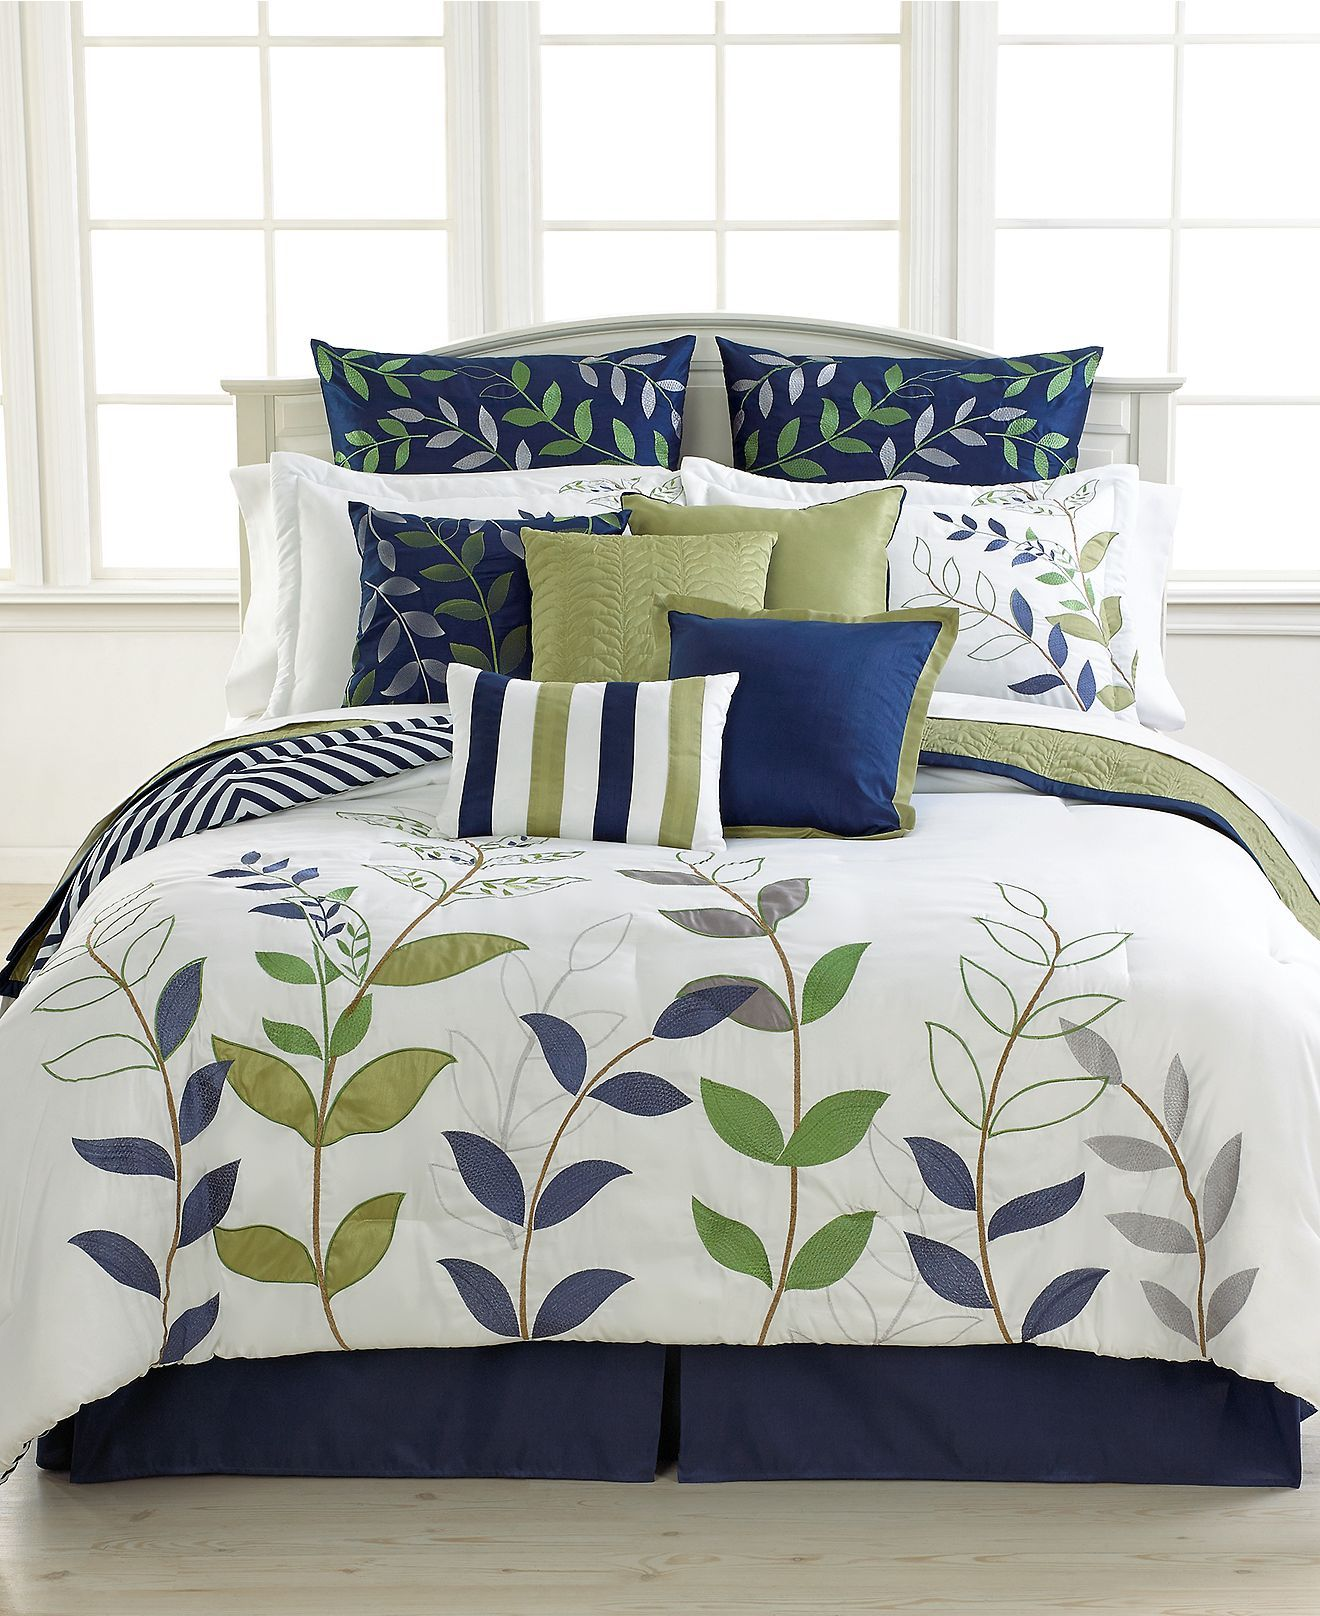 Darjeeling 12 Piece Queen Comforter Set Bed In A Bag Bed Bath Macy S Bedding Sets Comforter Sets King Comforter Sets 12 piece queen comforter set